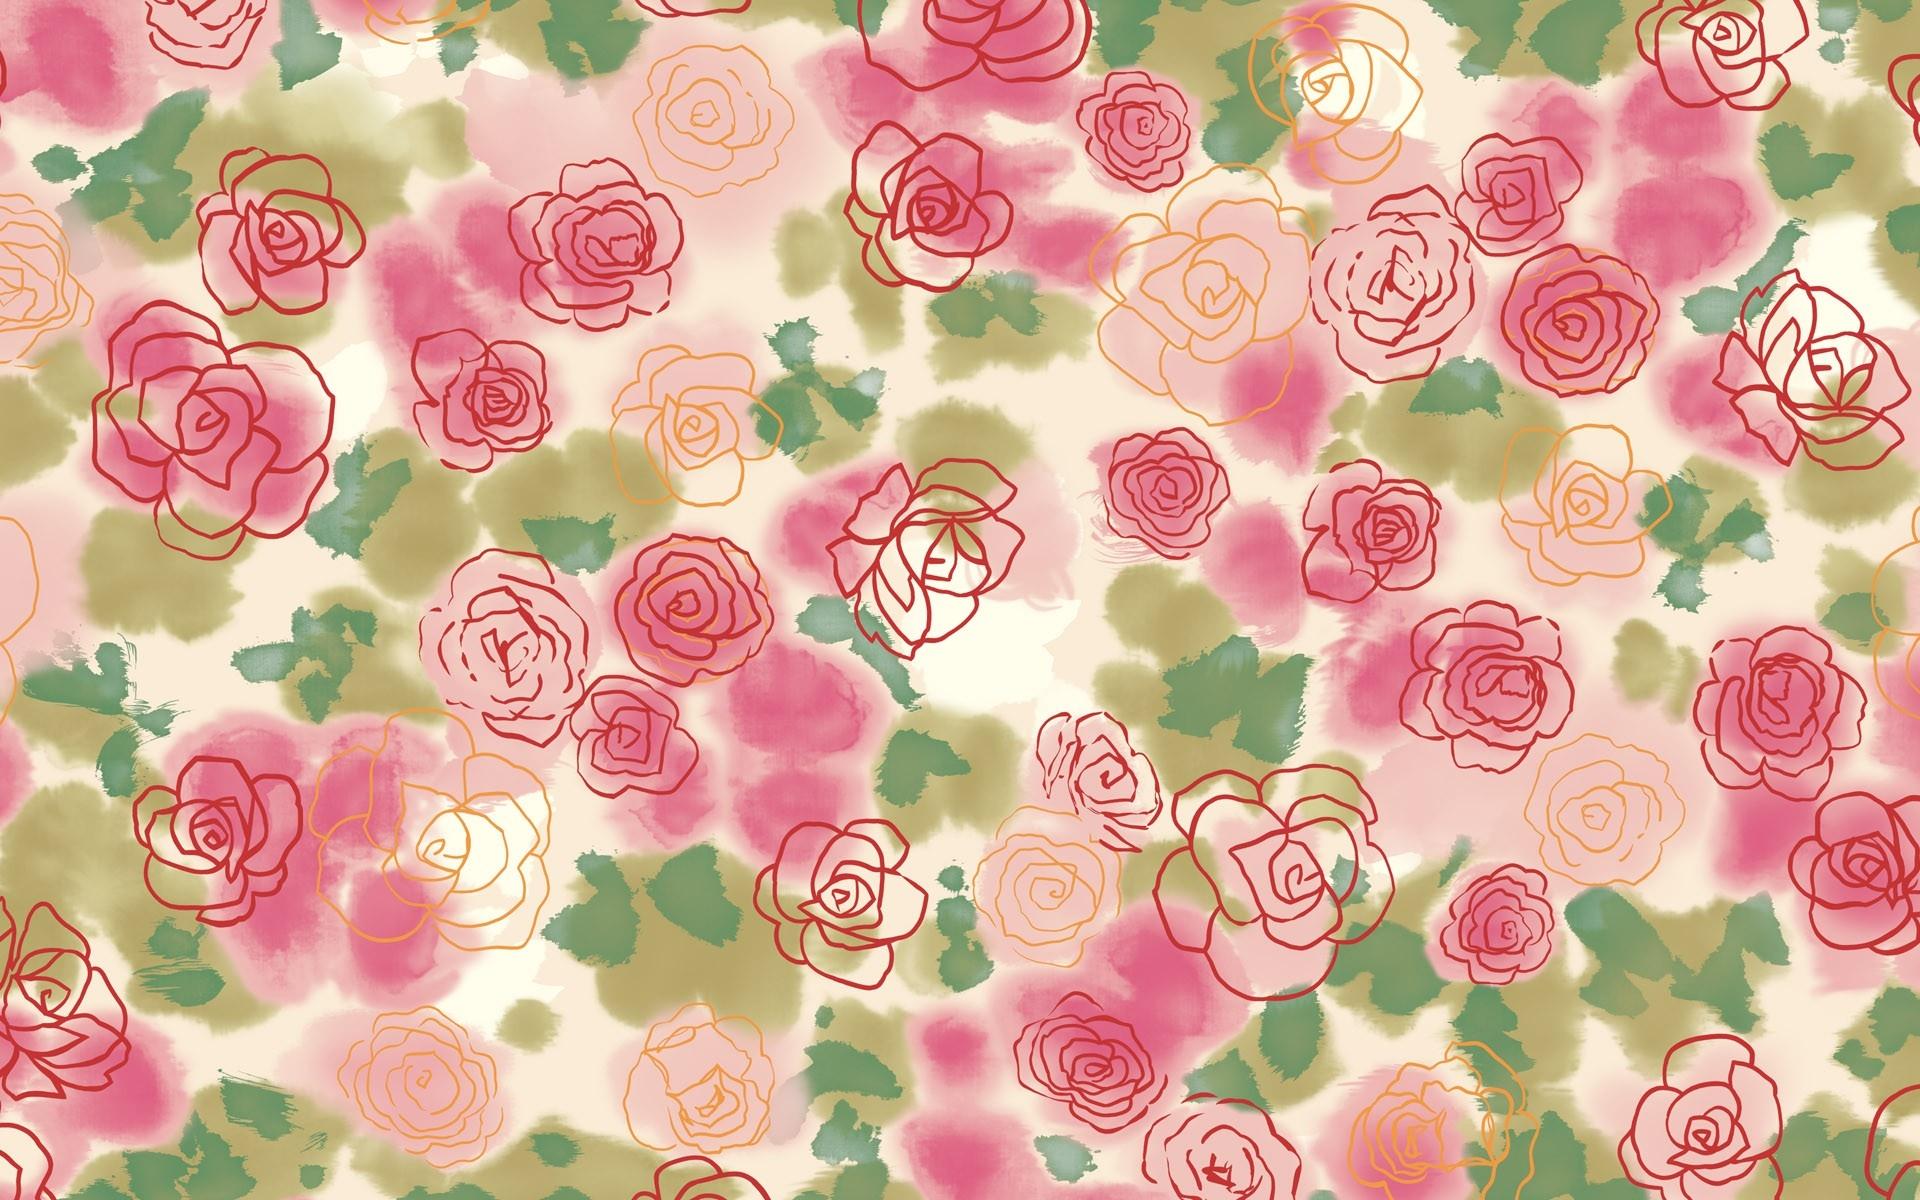 Fond D Ecran Dessin Aliments Fleurs Cœur Modele Cercle Rose